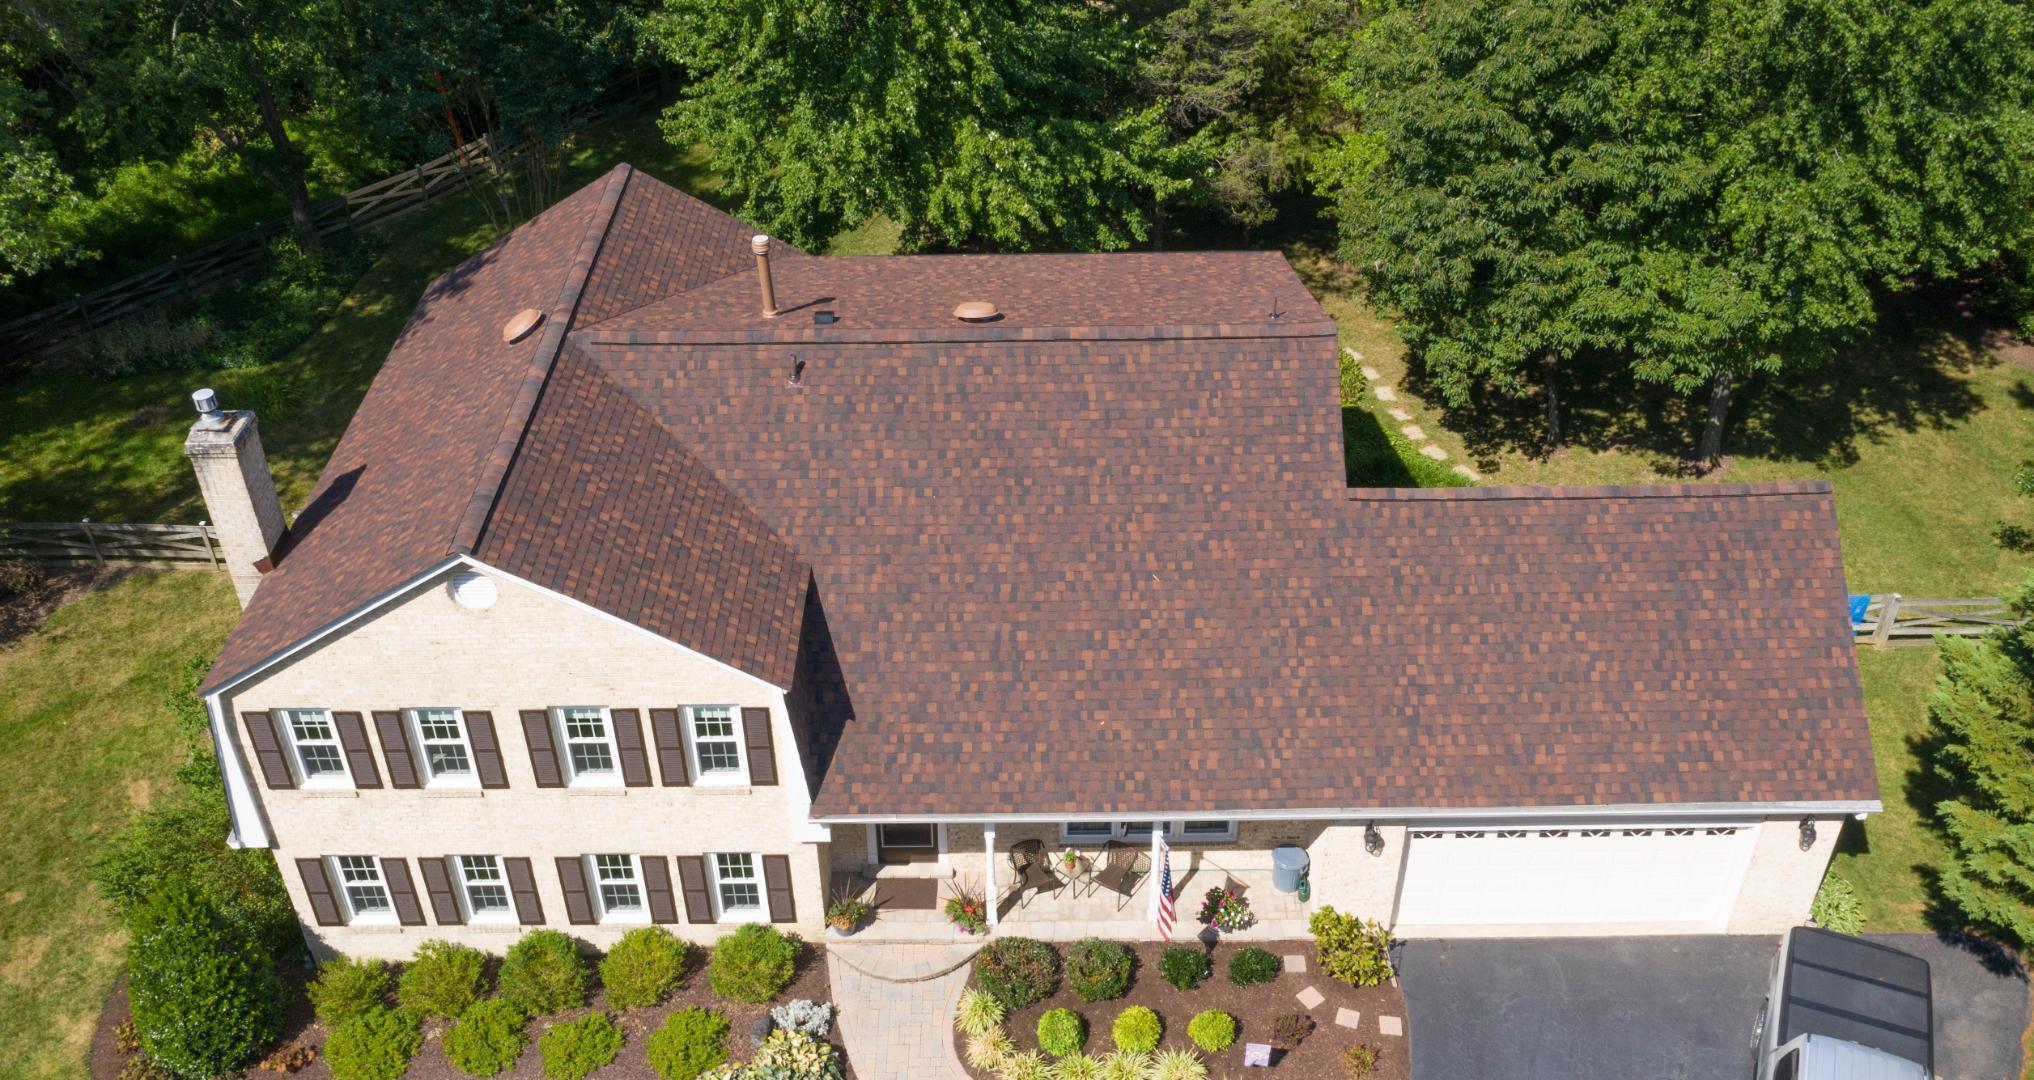 SmartRoof - Residential, Commercial Merchantville NJ Roofing Contractors